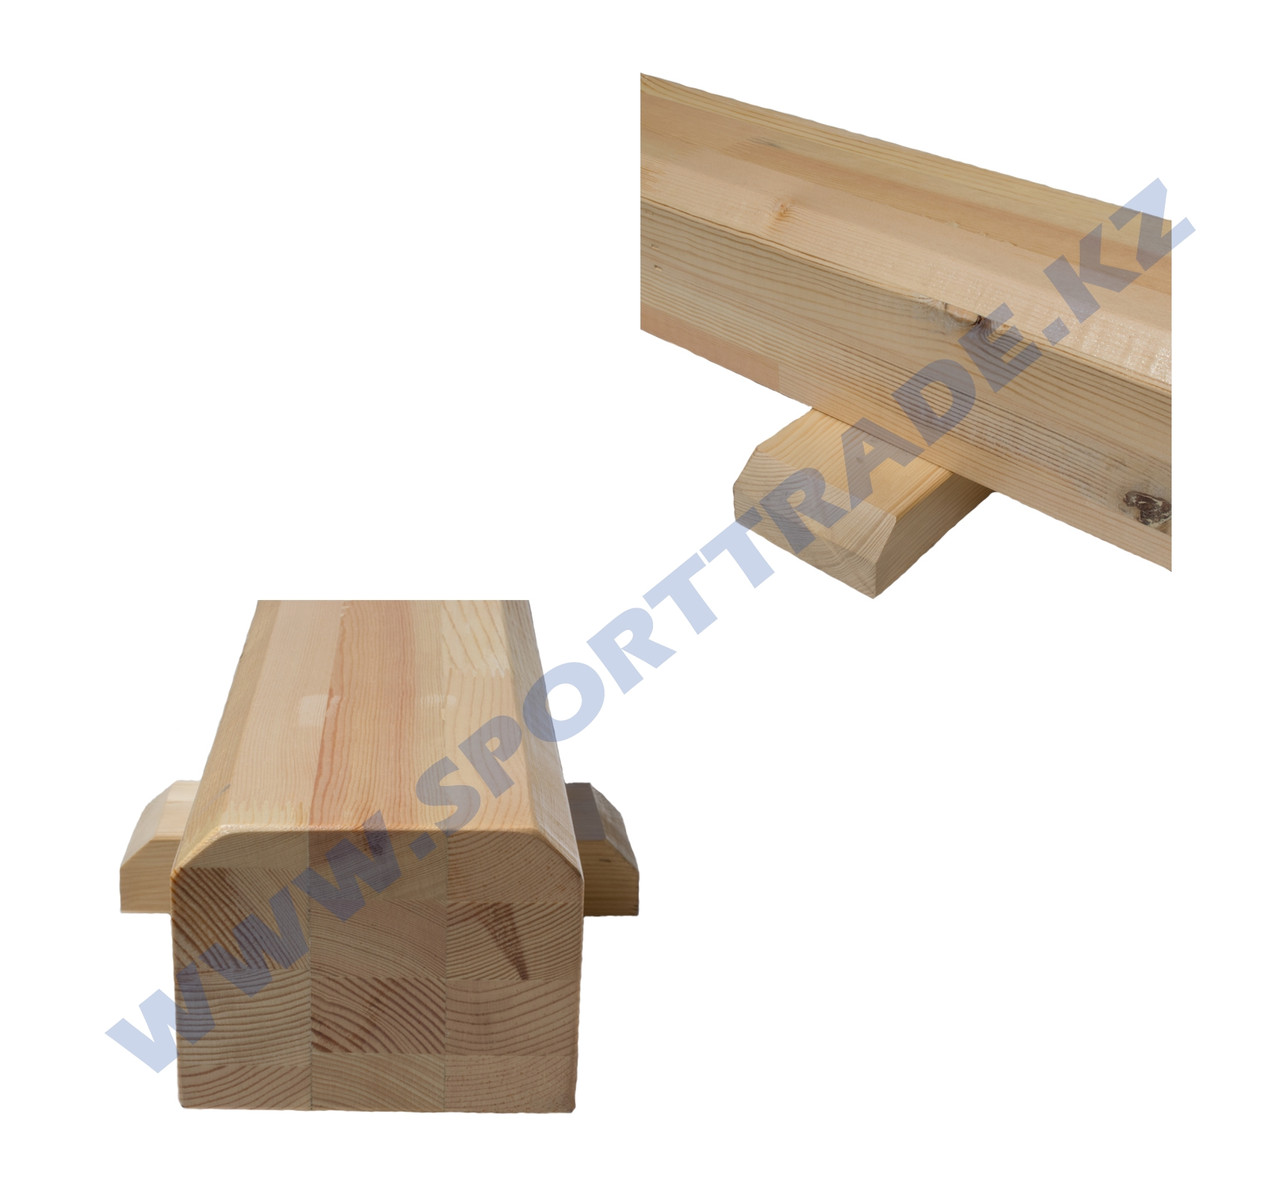 Бревно гимнастическое СТАНД-Т (13,5х16) напольное 3м - фото 3